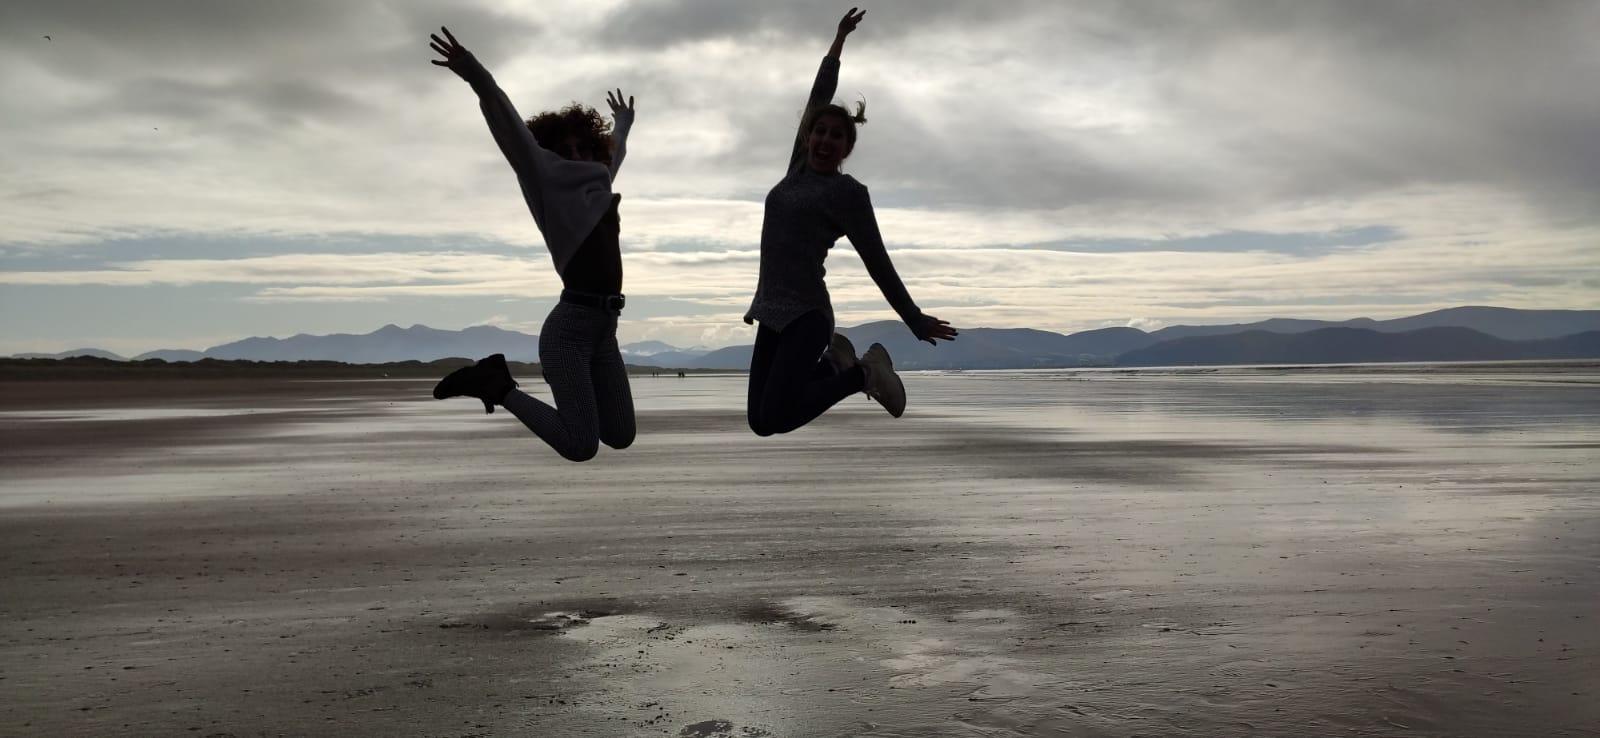 Perché trasferirsi in Irlanda ti cambierà la vita: 6 motivi principali - foto saldo a Dingle